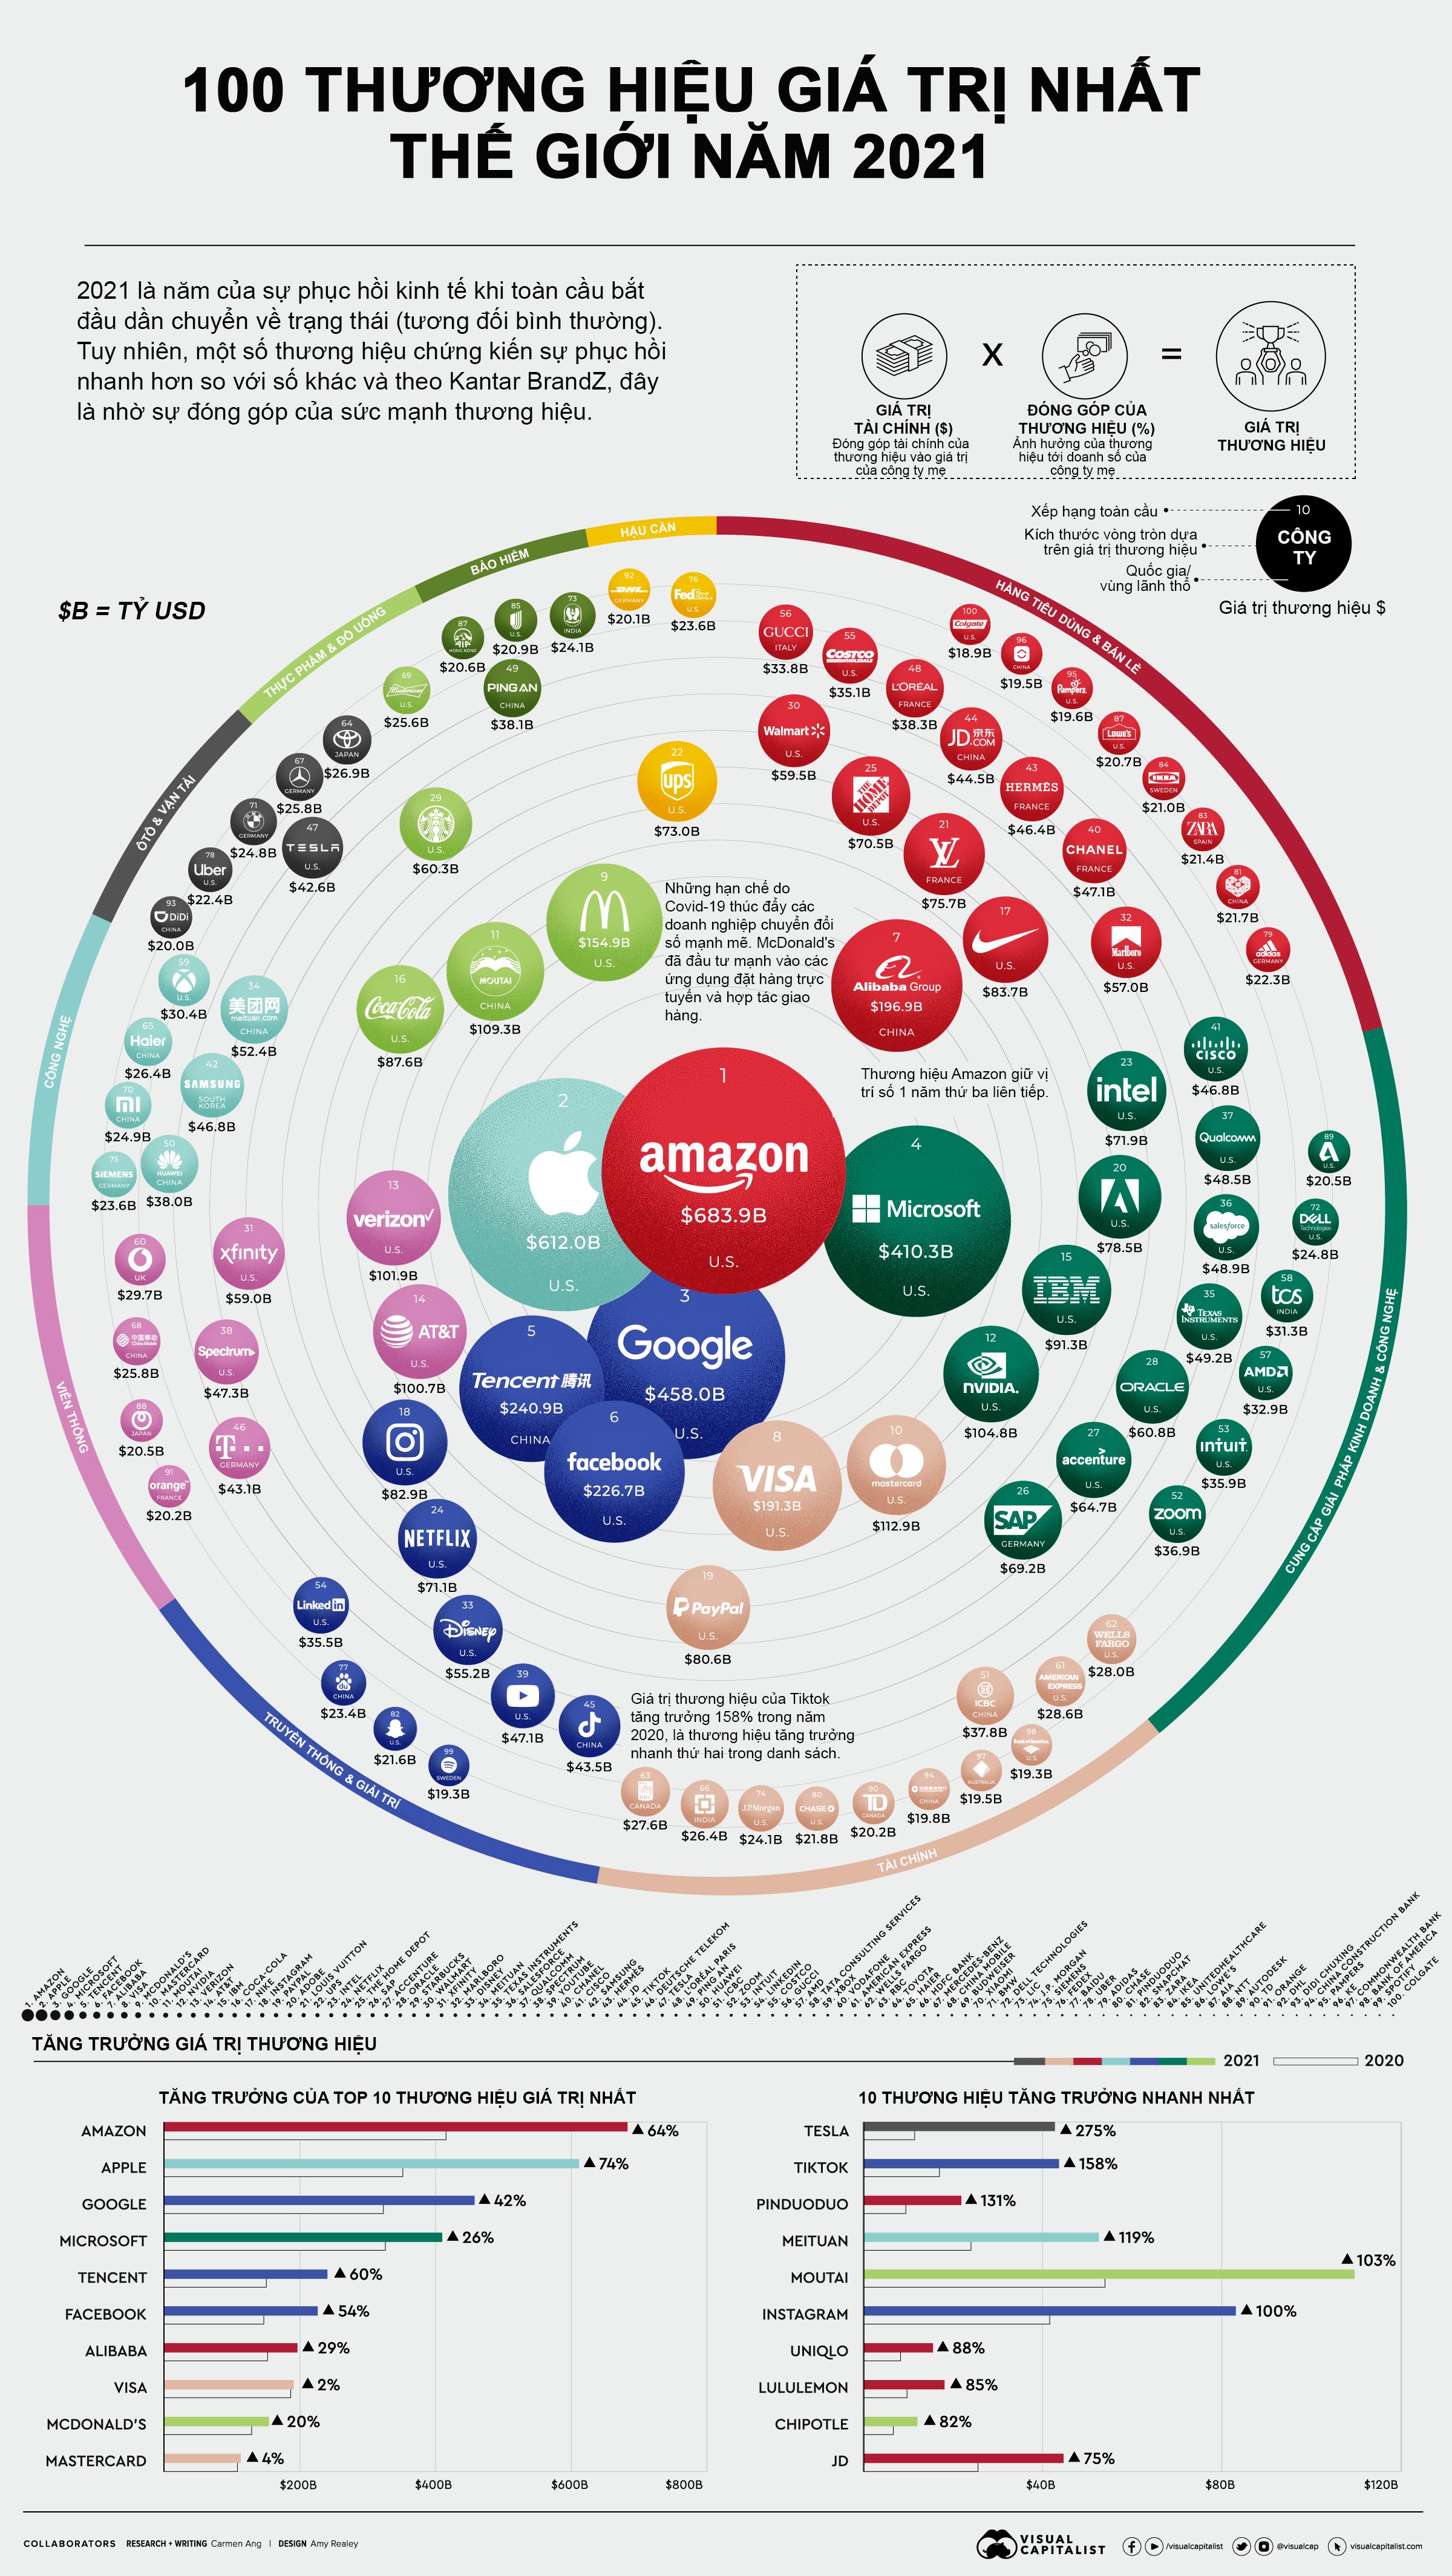 100 thương hiệu giá trị nhất thế giới năm 2021 - Ảnh 1